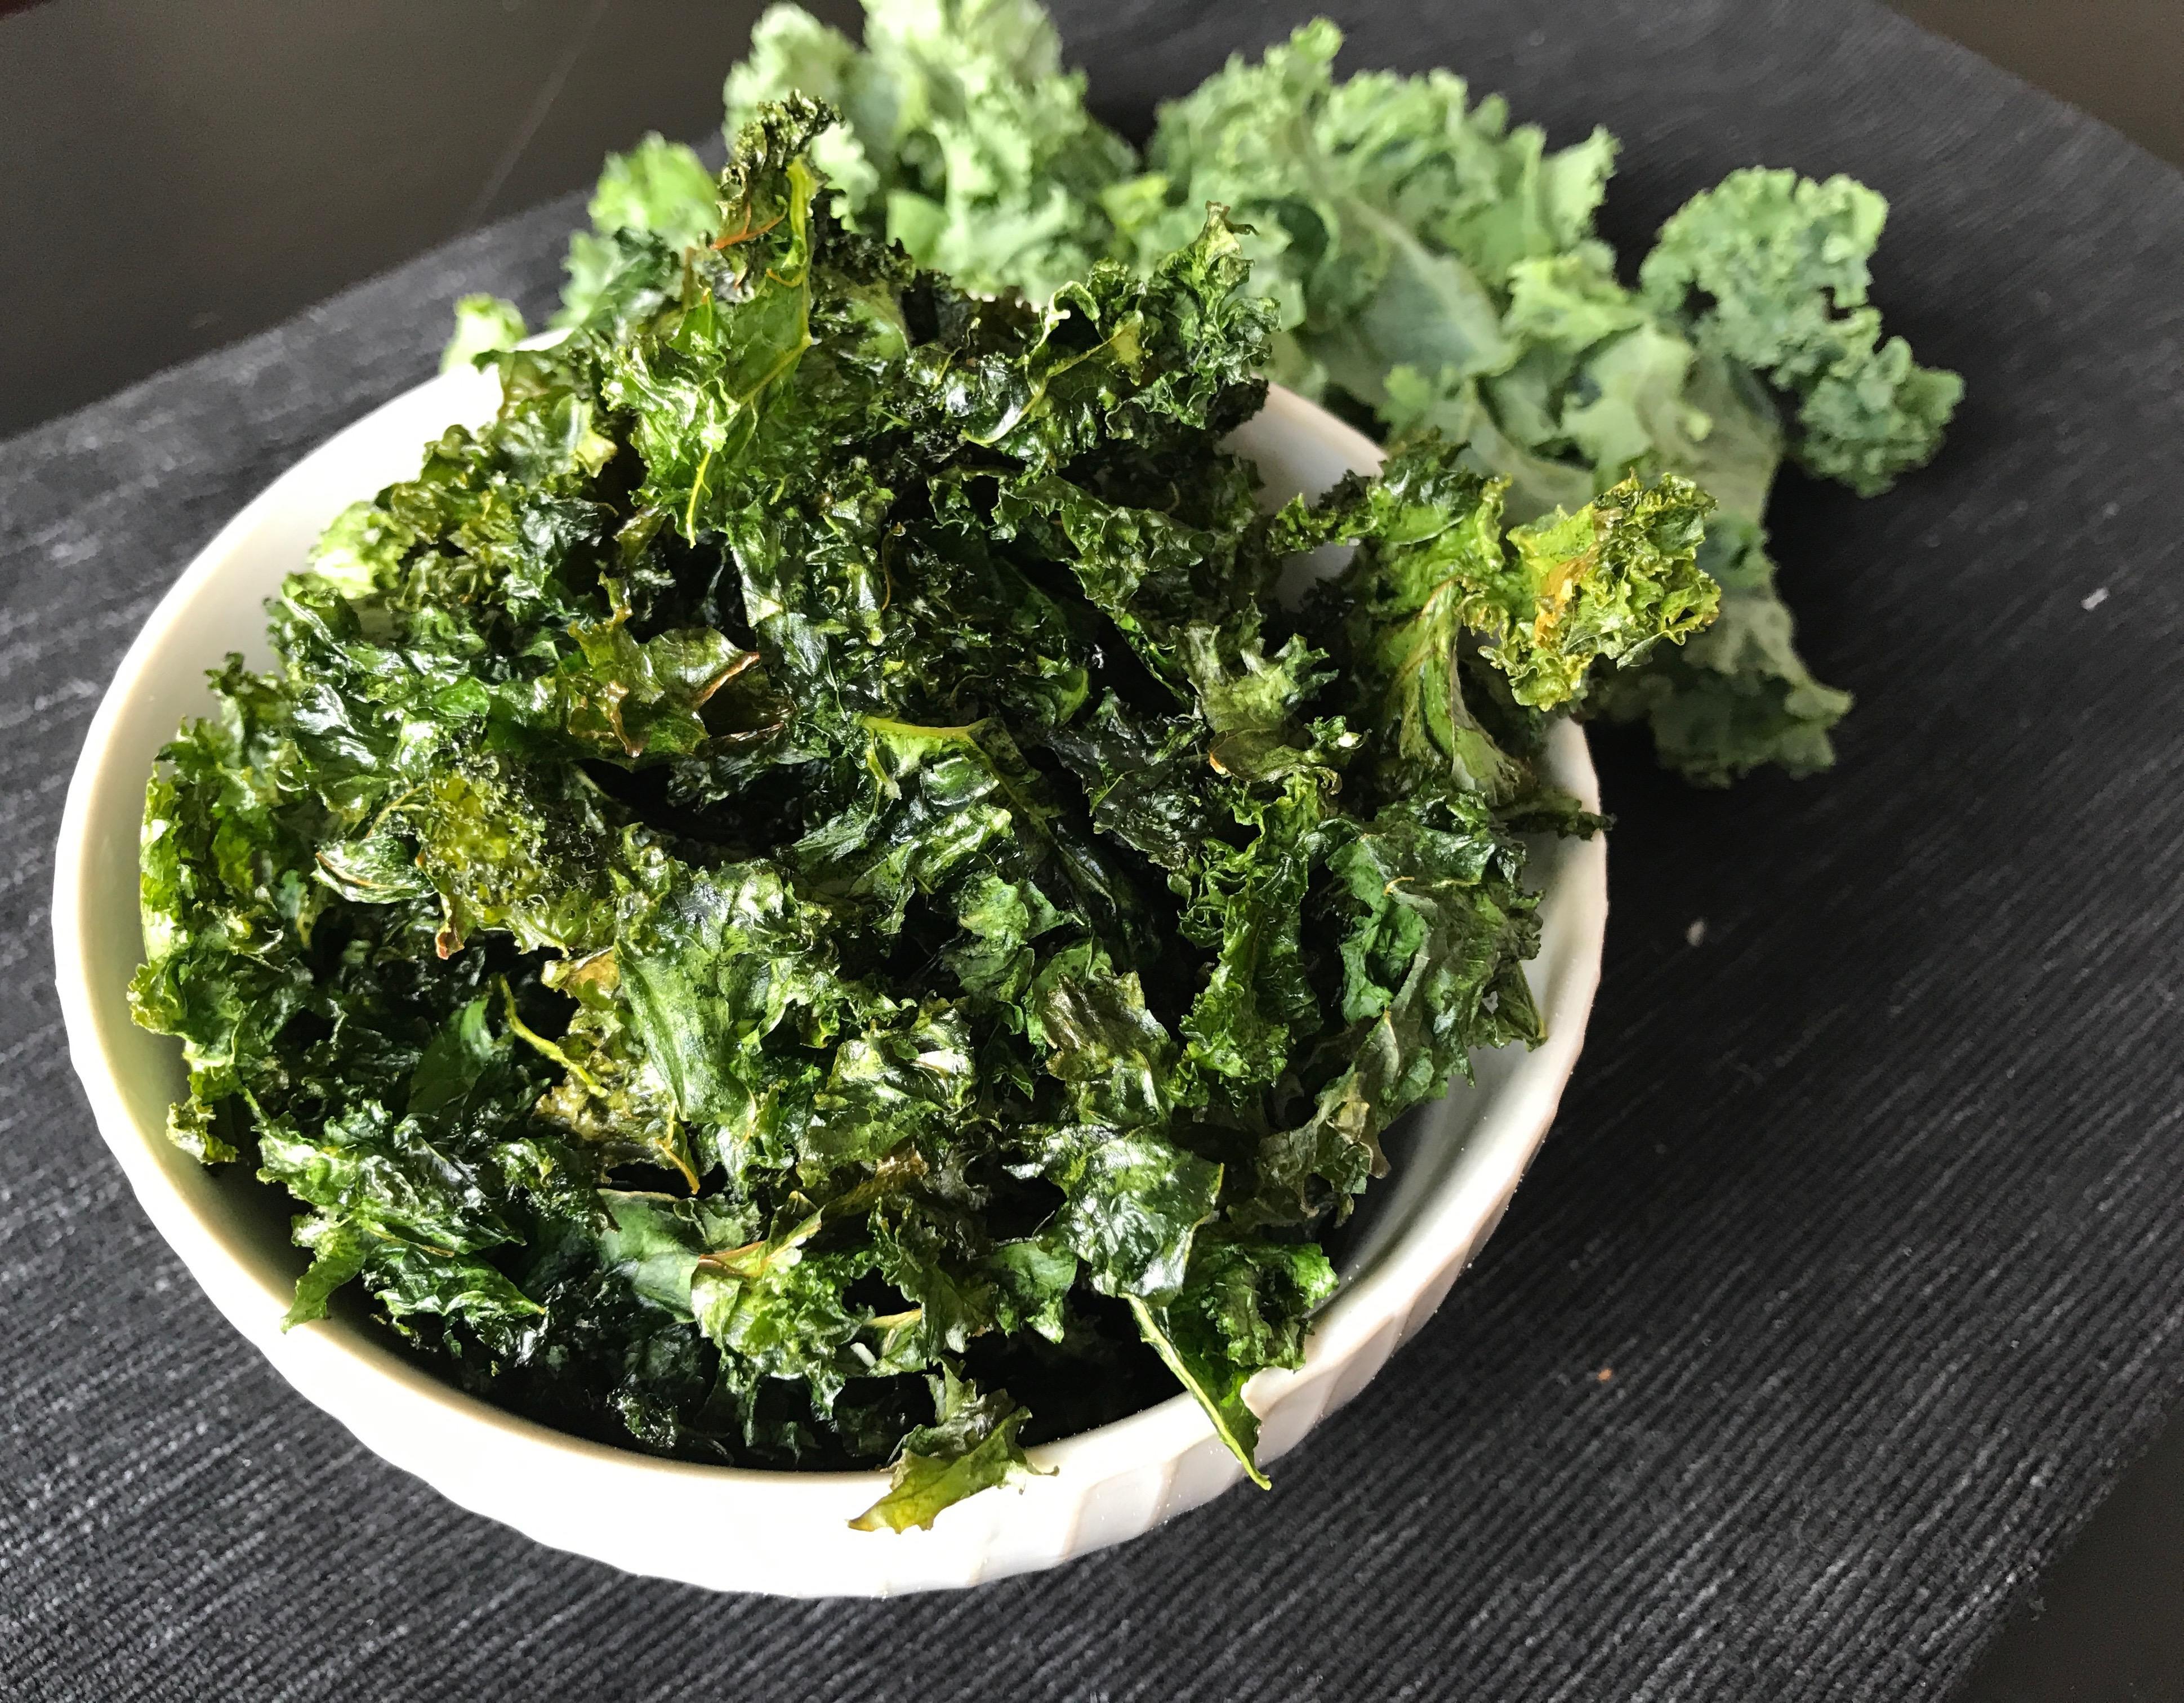 Drama-Free Recipe: Kale Chips